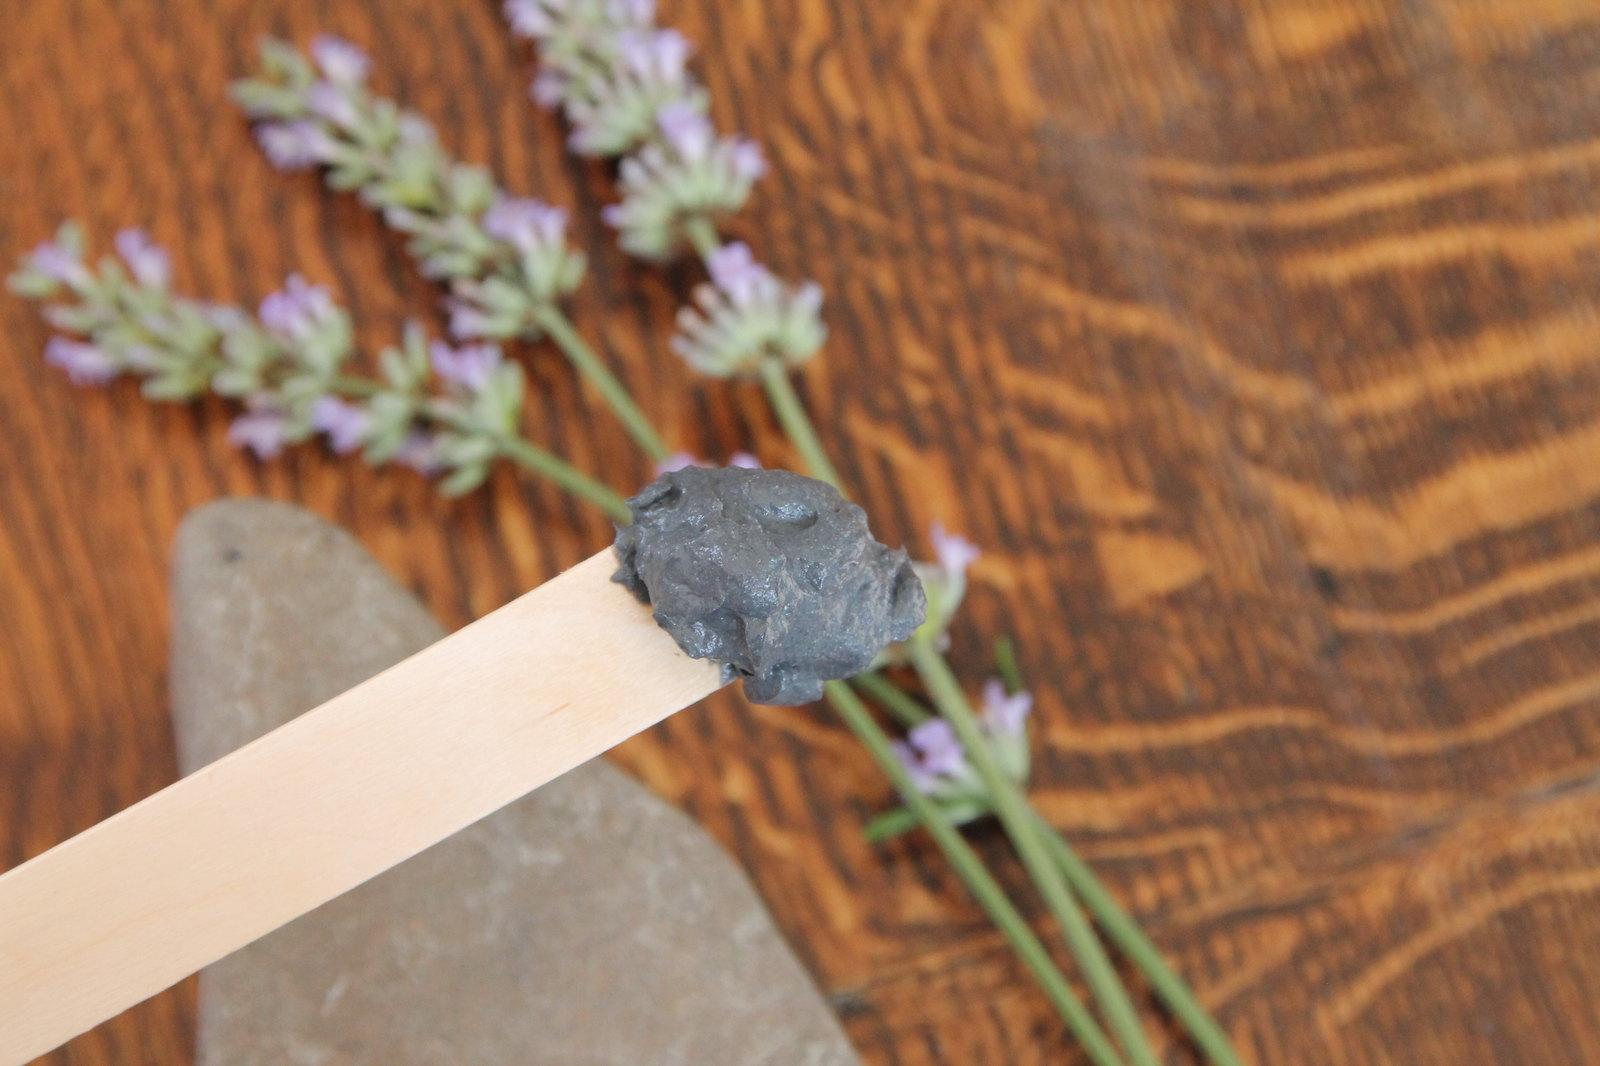 Probe Aktivkohle auf Holzspatula